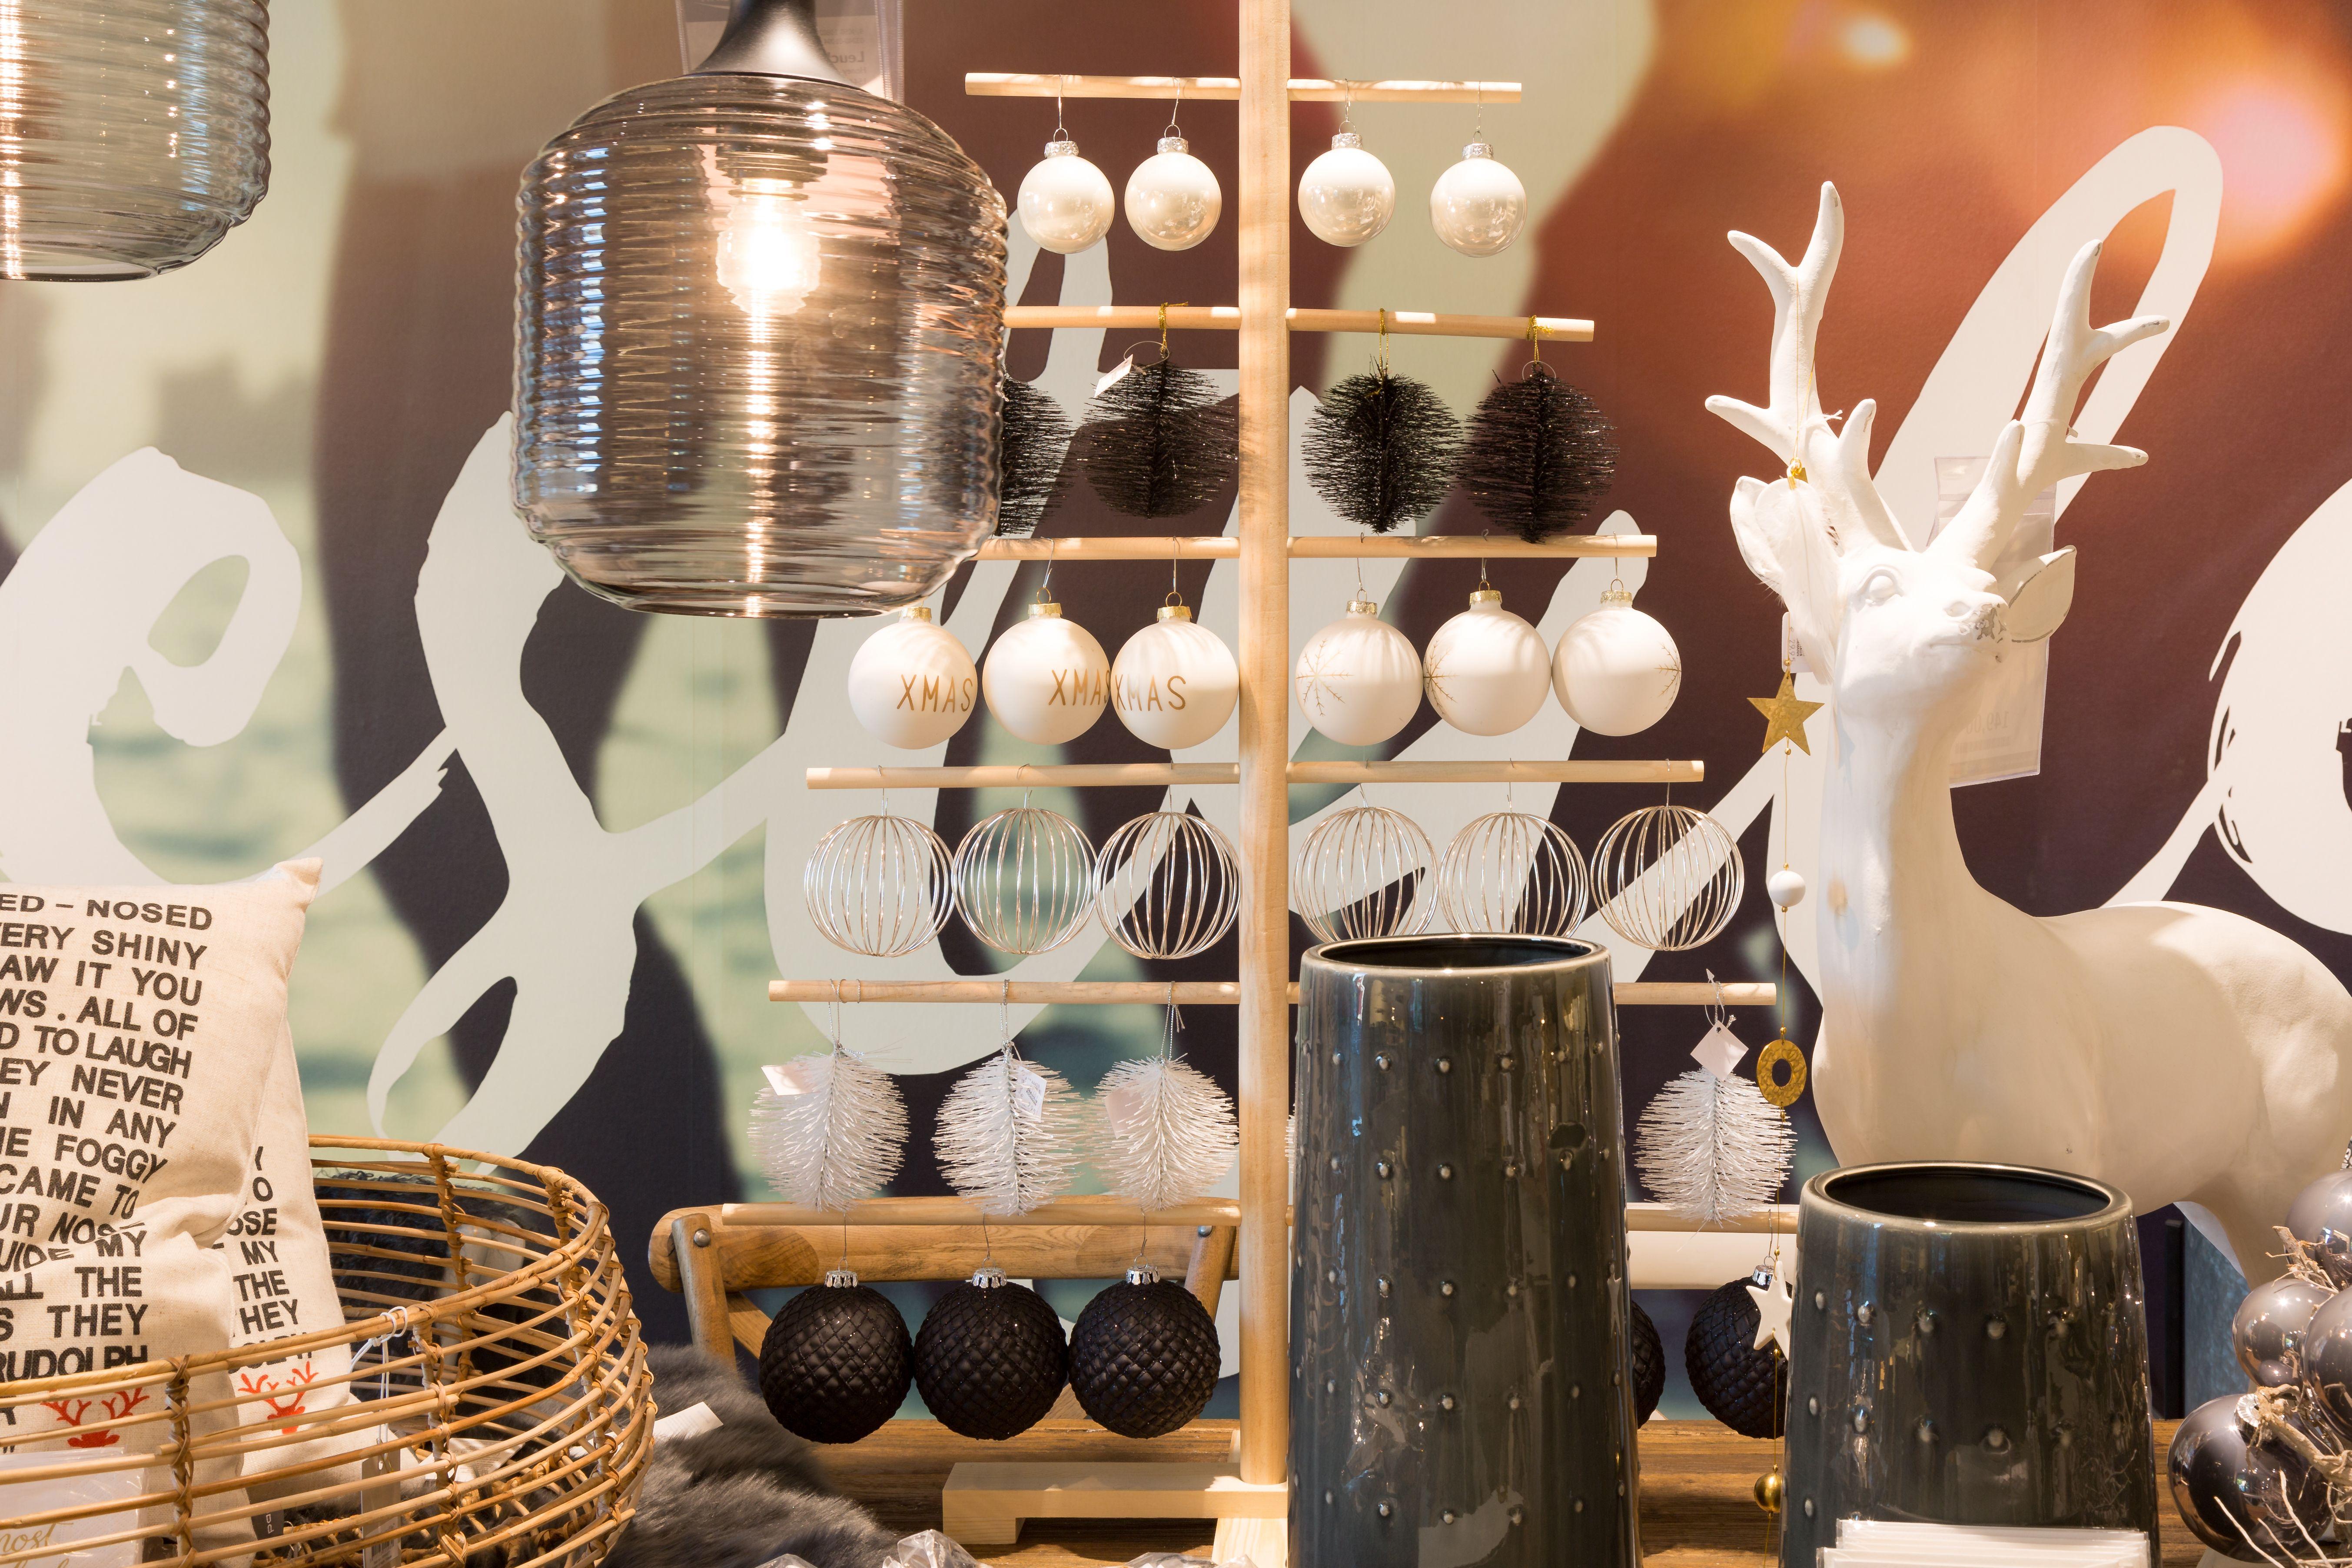 Unsere Weihnachtsaustellung Ist Ab Sofort Fur Sie Geoffnet Wir Freuen Uns Auf Ihren Besuch Weihnachten Xmas Christmas Ideenhaus Rodem Essen Bochum Idee